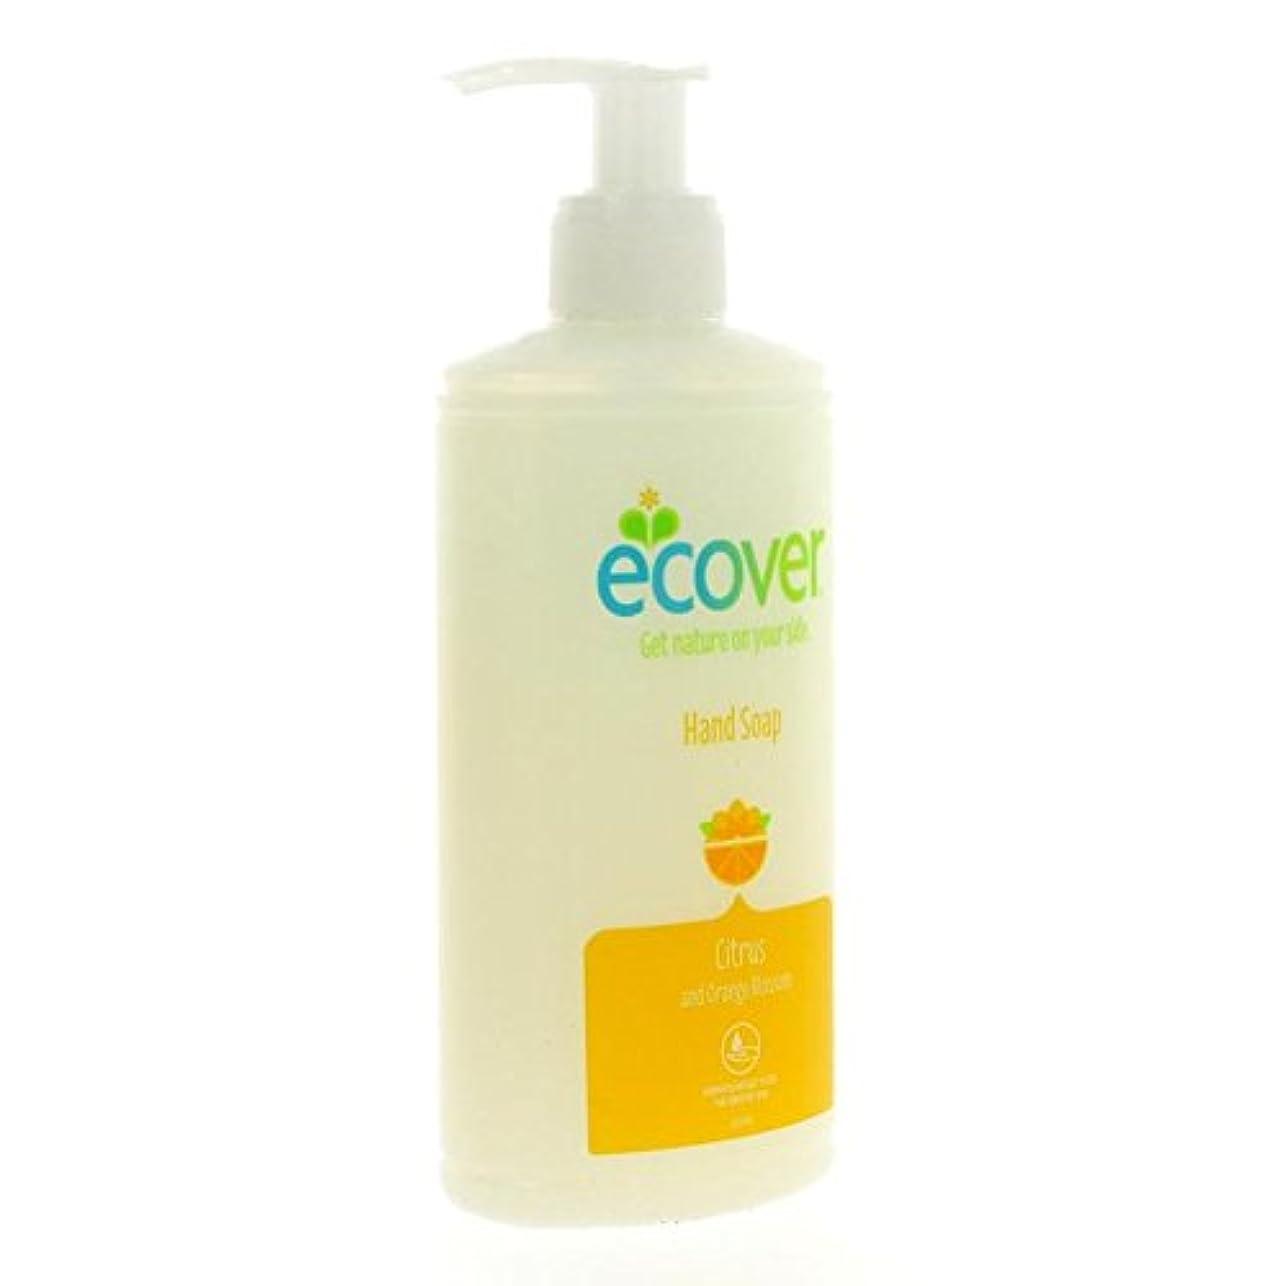 イチゴ近代化する滑り台Ecover - Hand Soap - Citrus and Orange Blossom - 250ml (Case of 6)